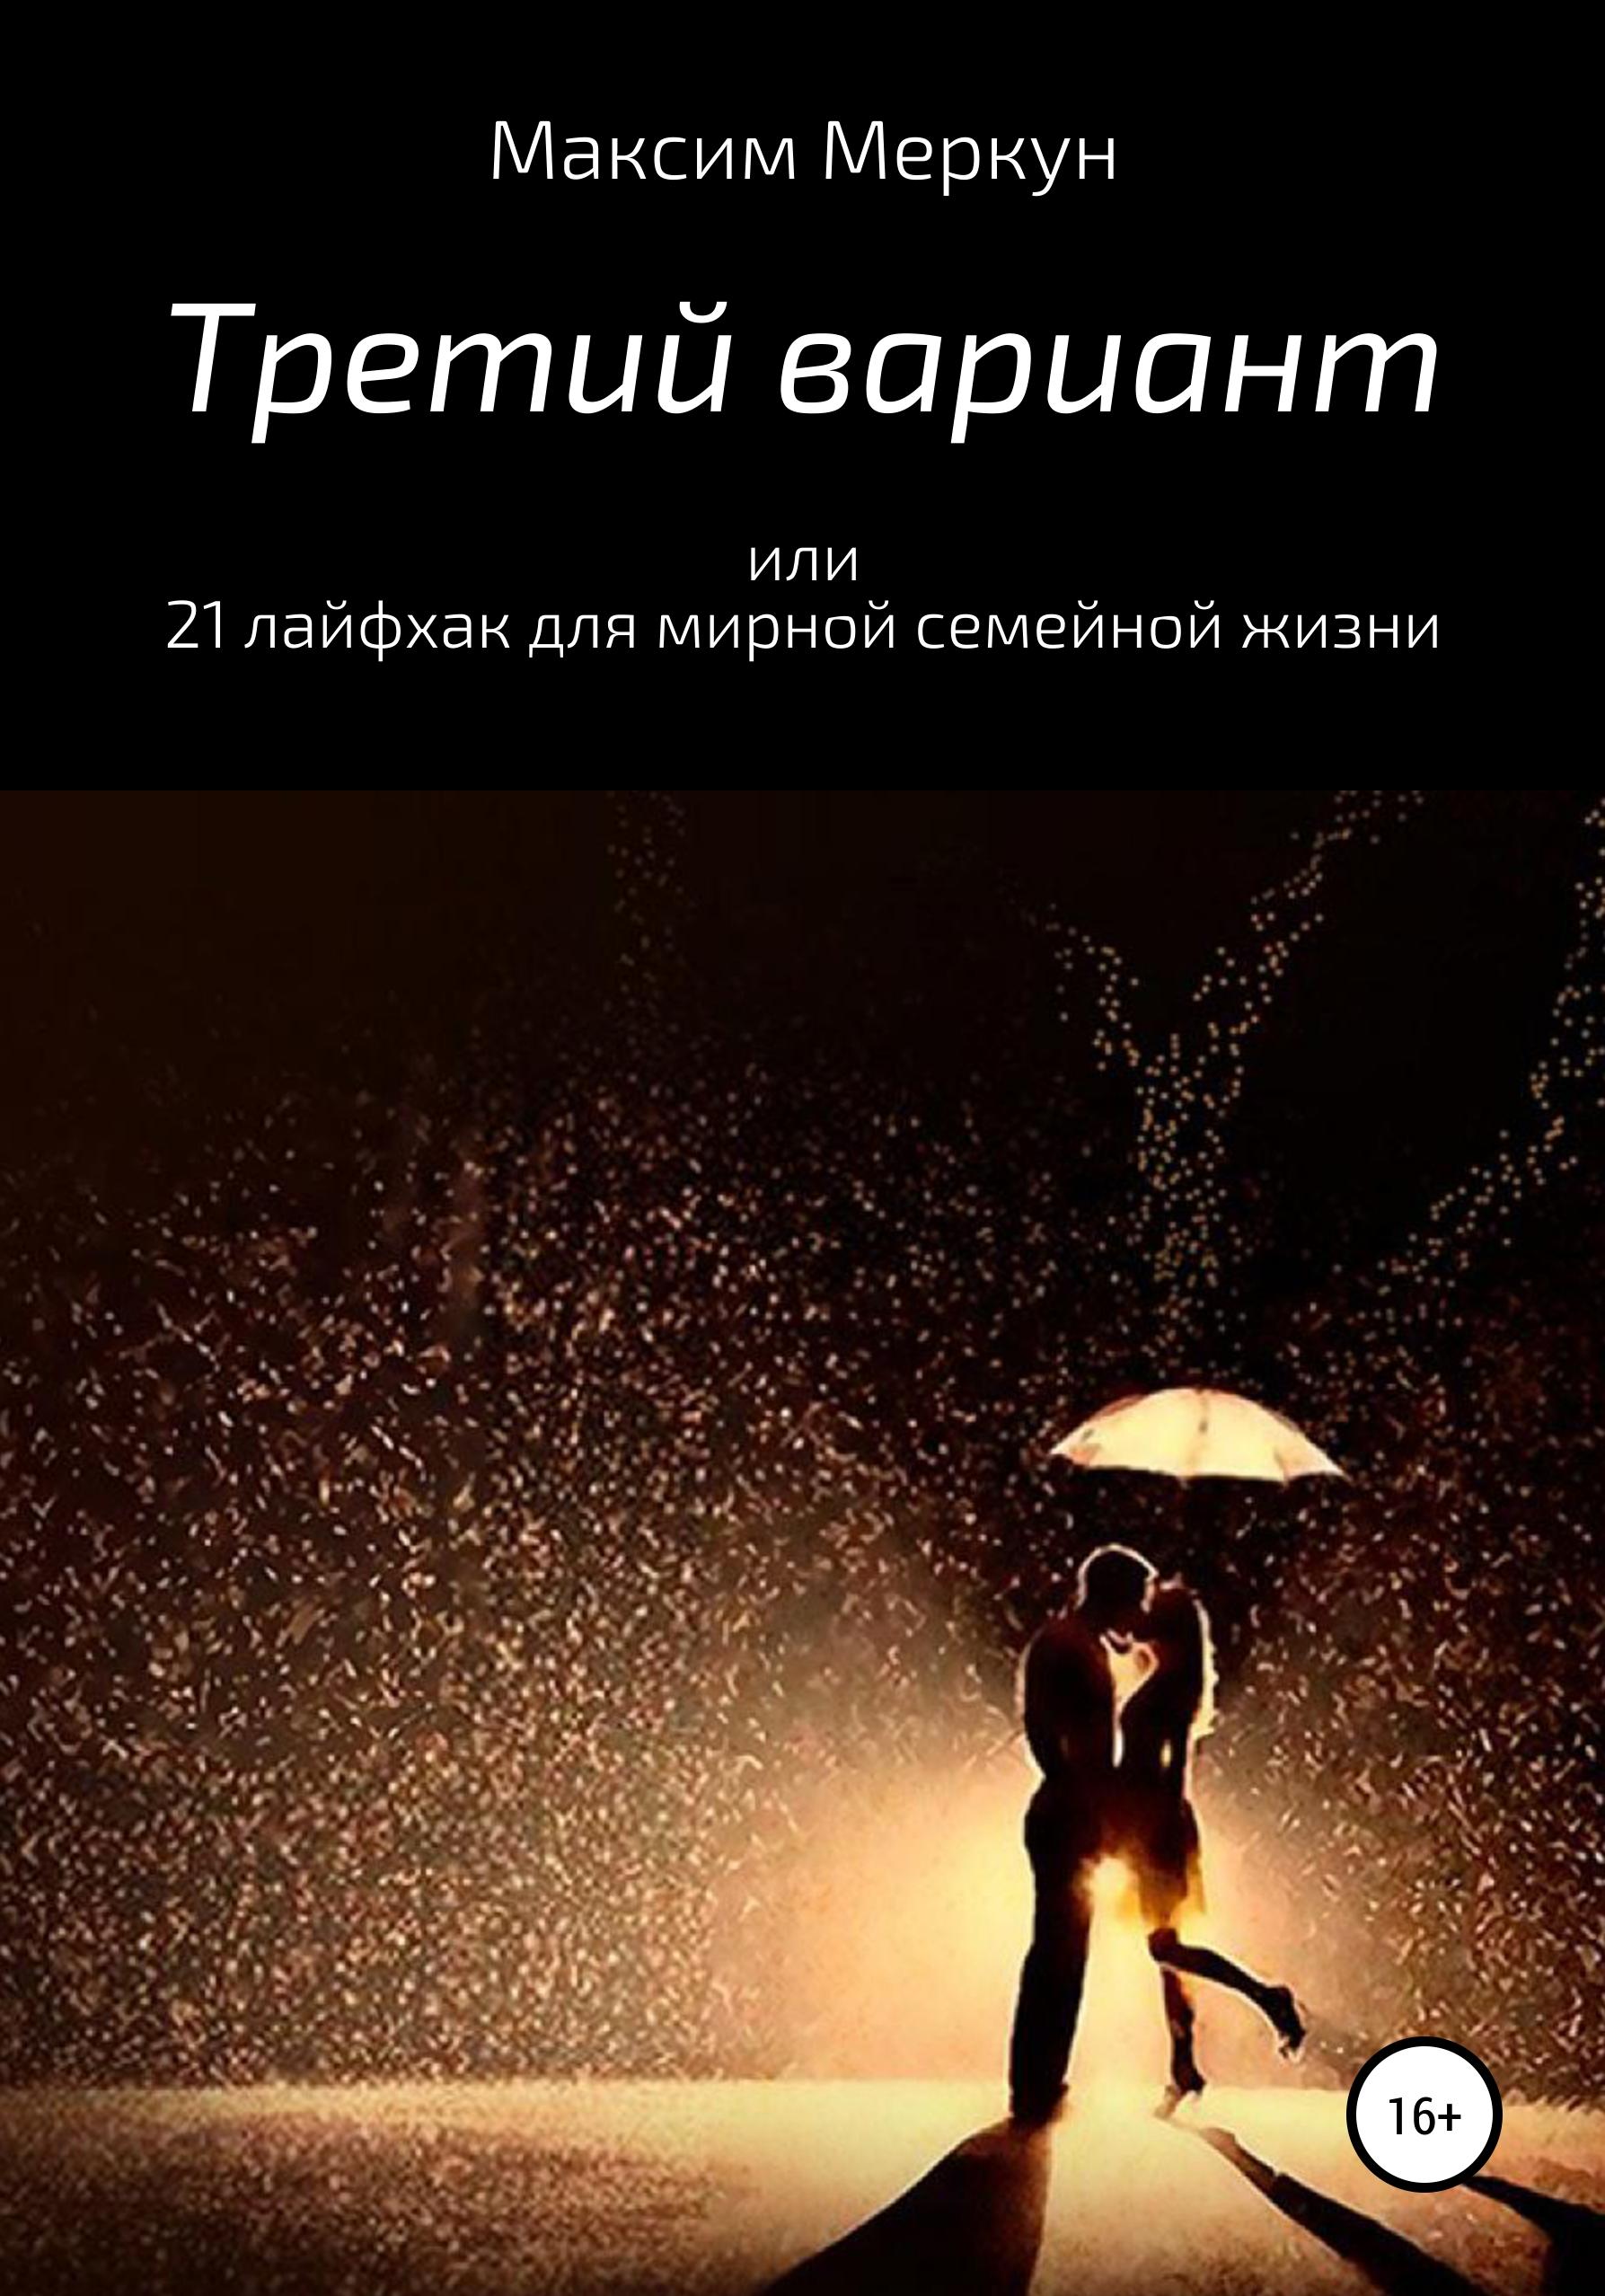 Купить книгу Третий вариант, или 21 лайфхак для мирной семейной жизни, автора Максима Меркуна